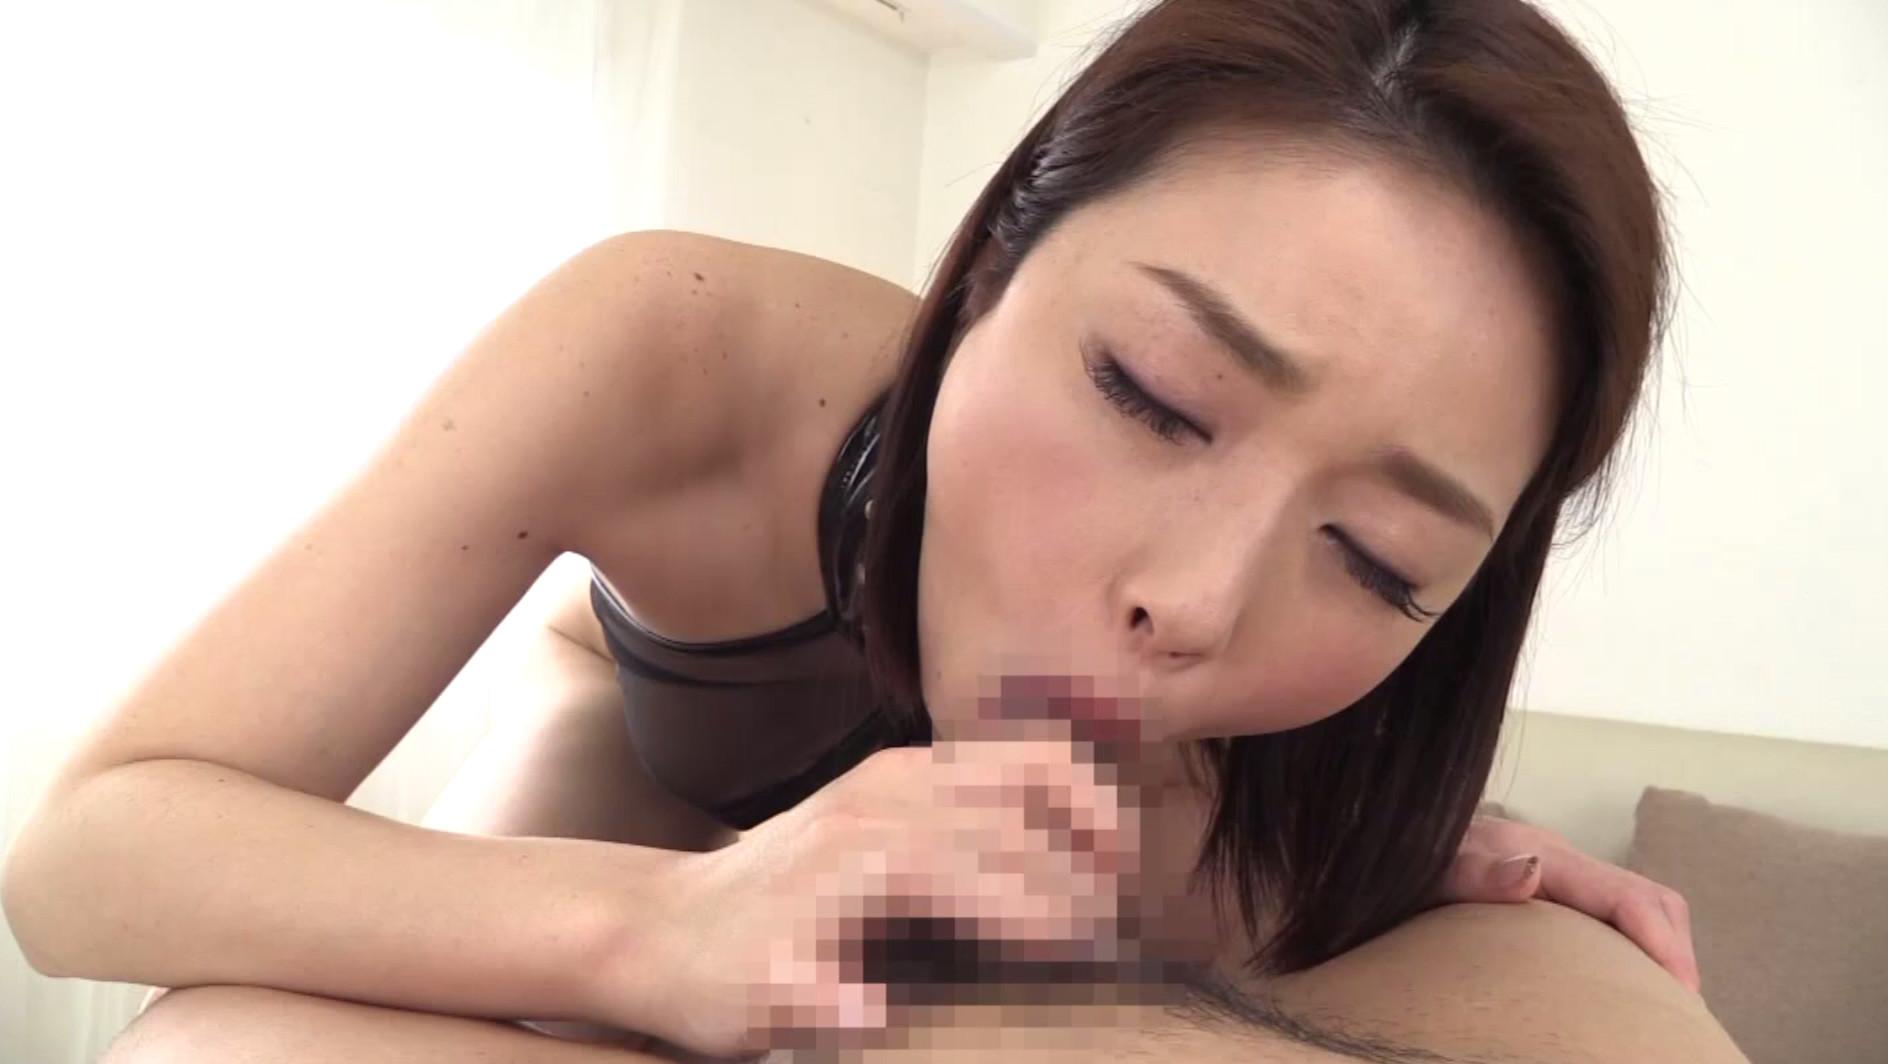 長身モデルBODY痴女ヴィーナス VOL.7 かすみりさ 画像6